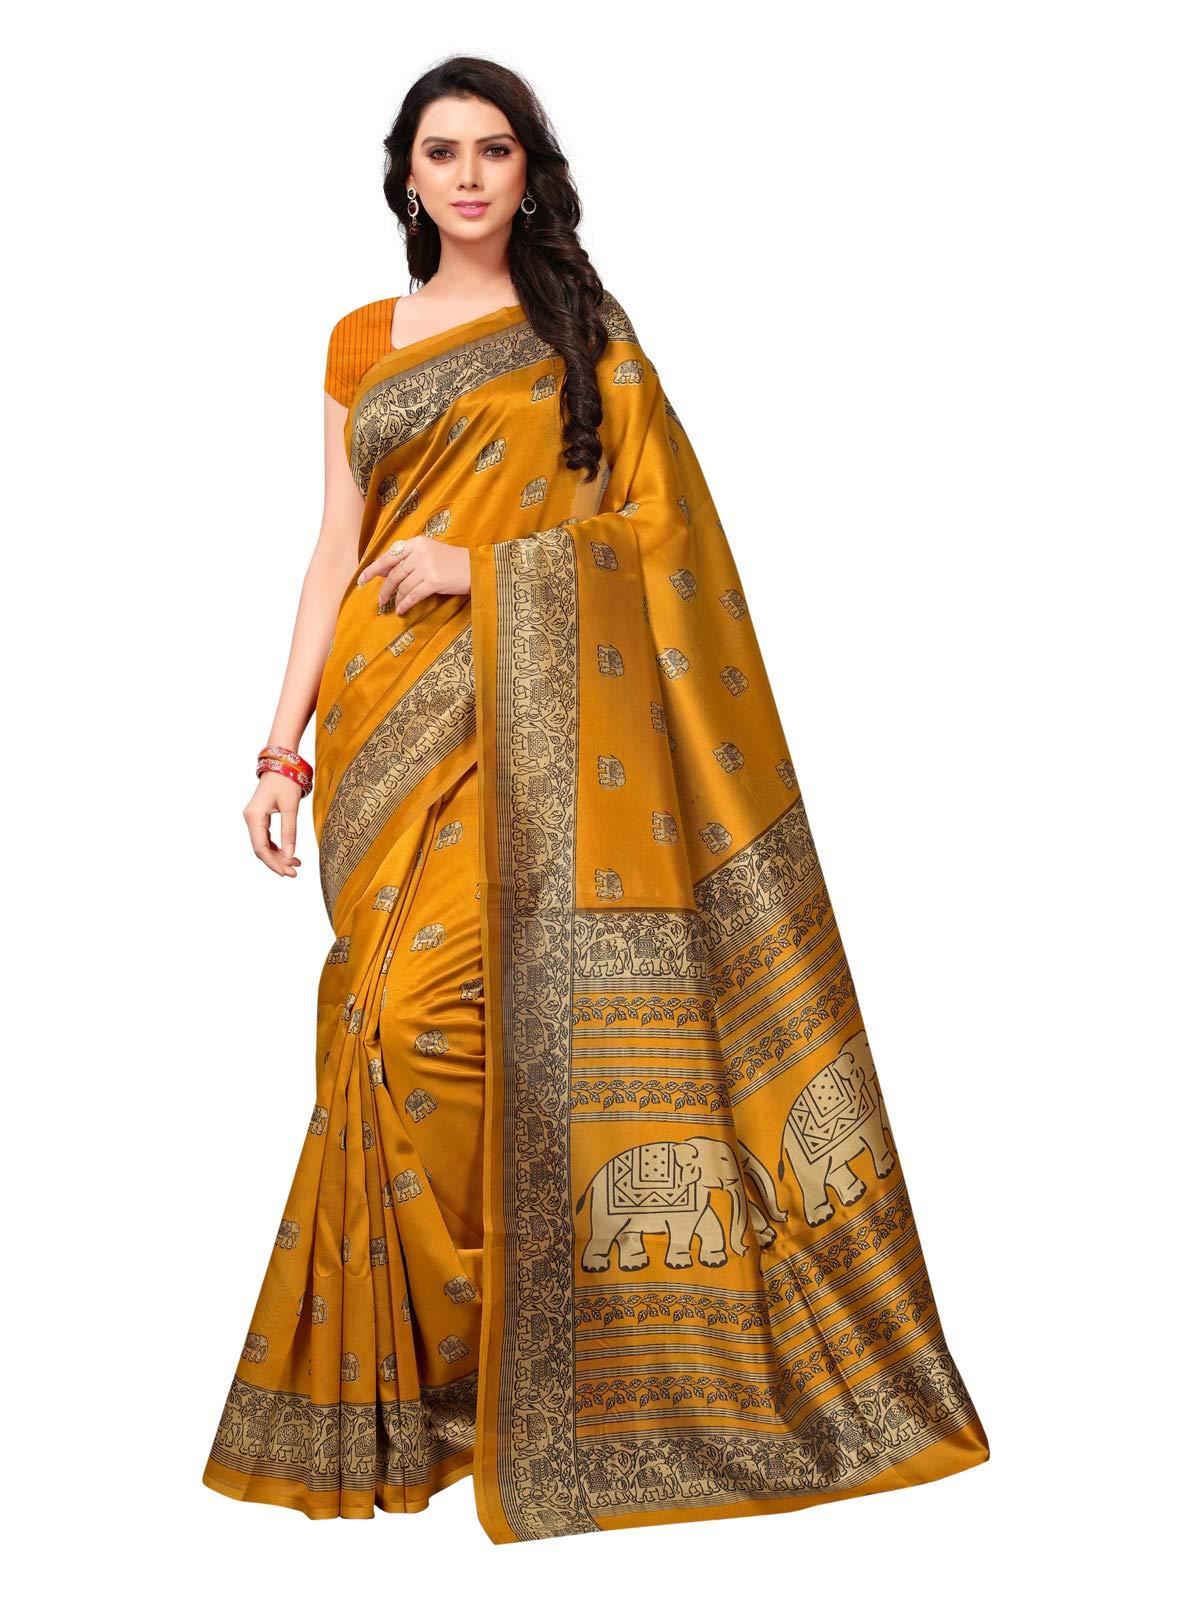 Kanchnar Women's Yellow Poly Silk Printed Saree735S39